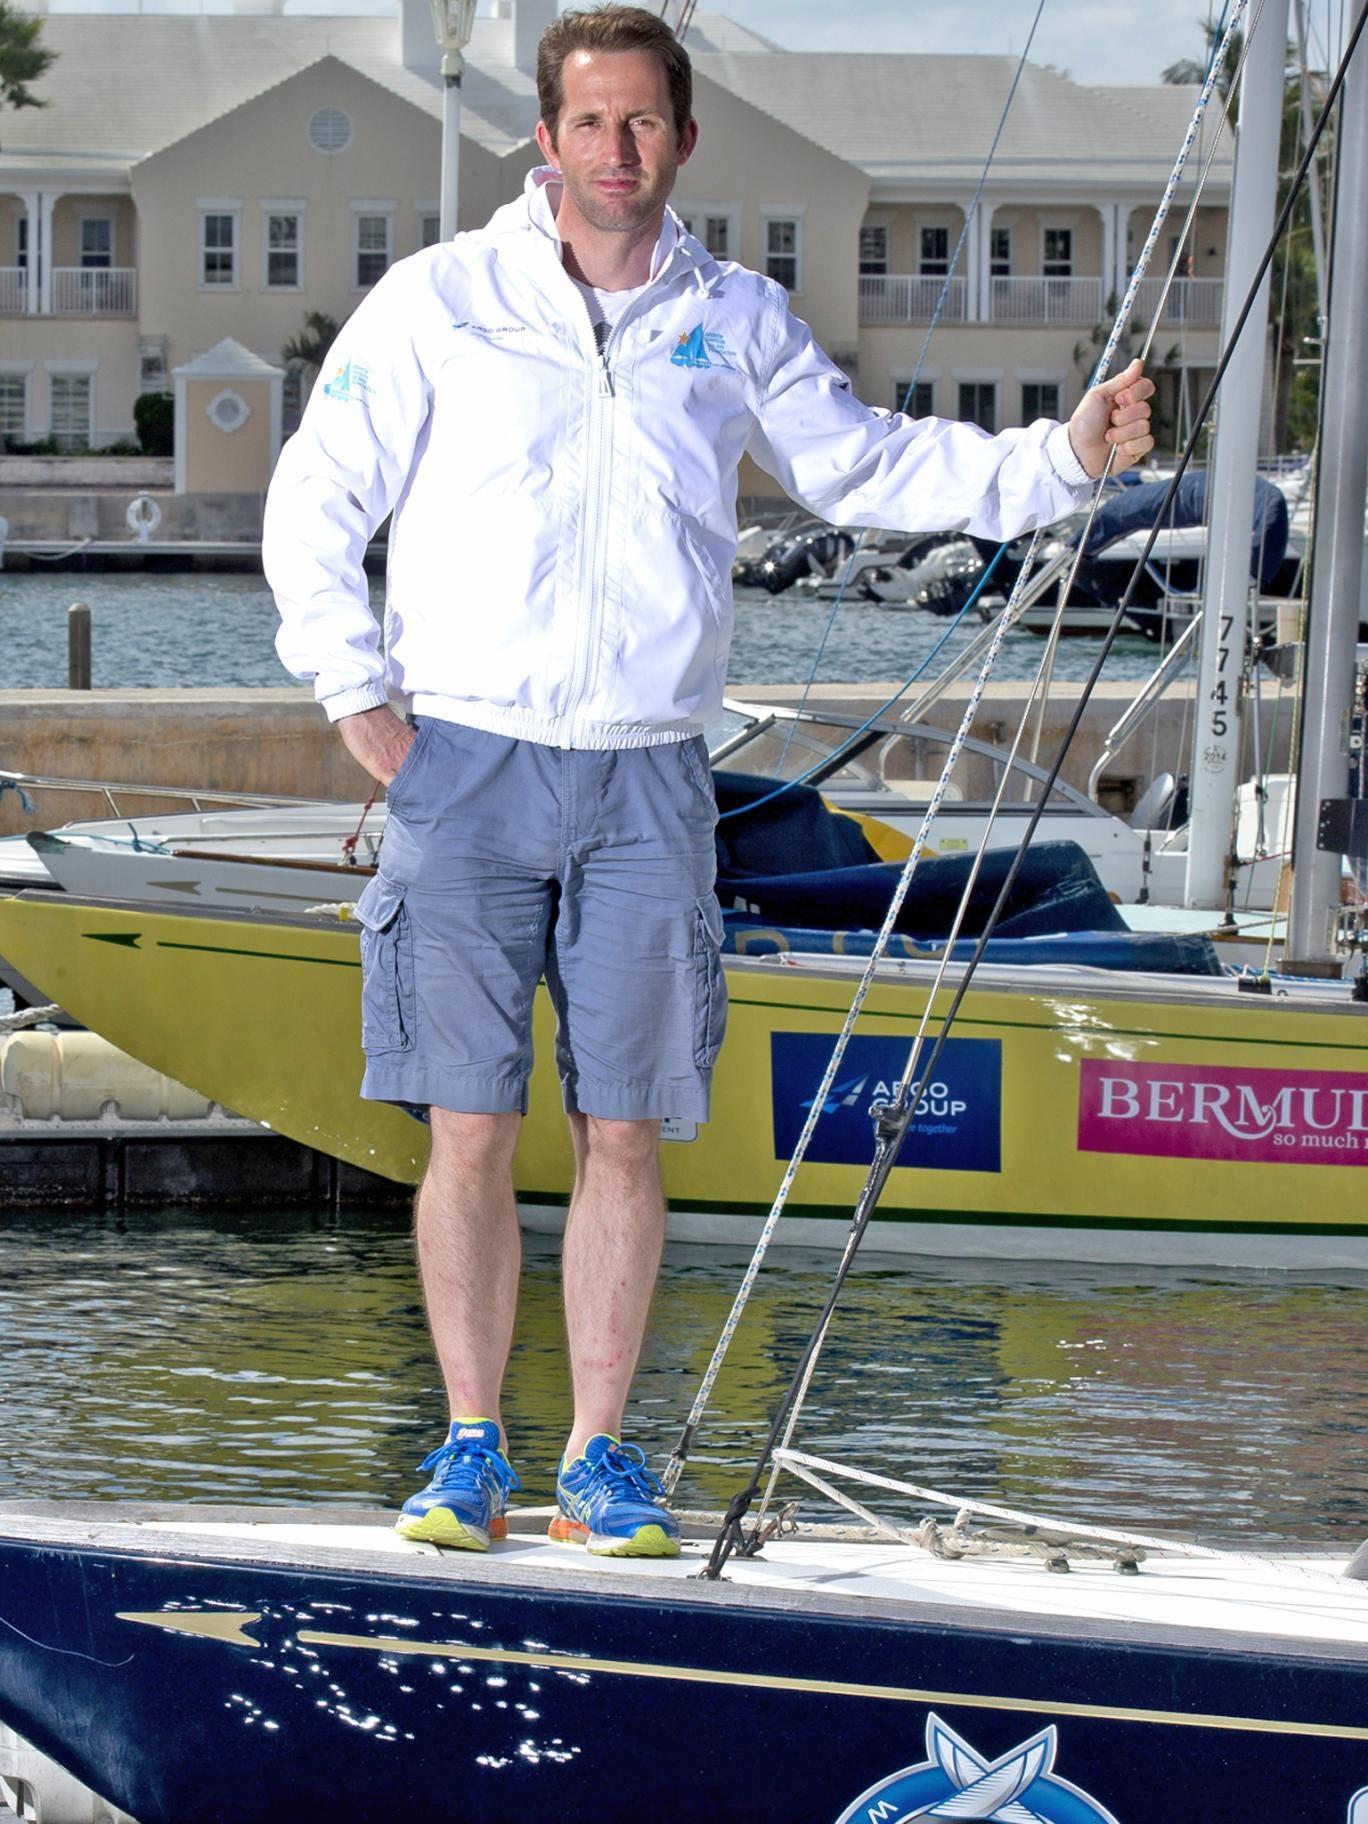 Sir Ben Ainslie is racing in Bermuda this week